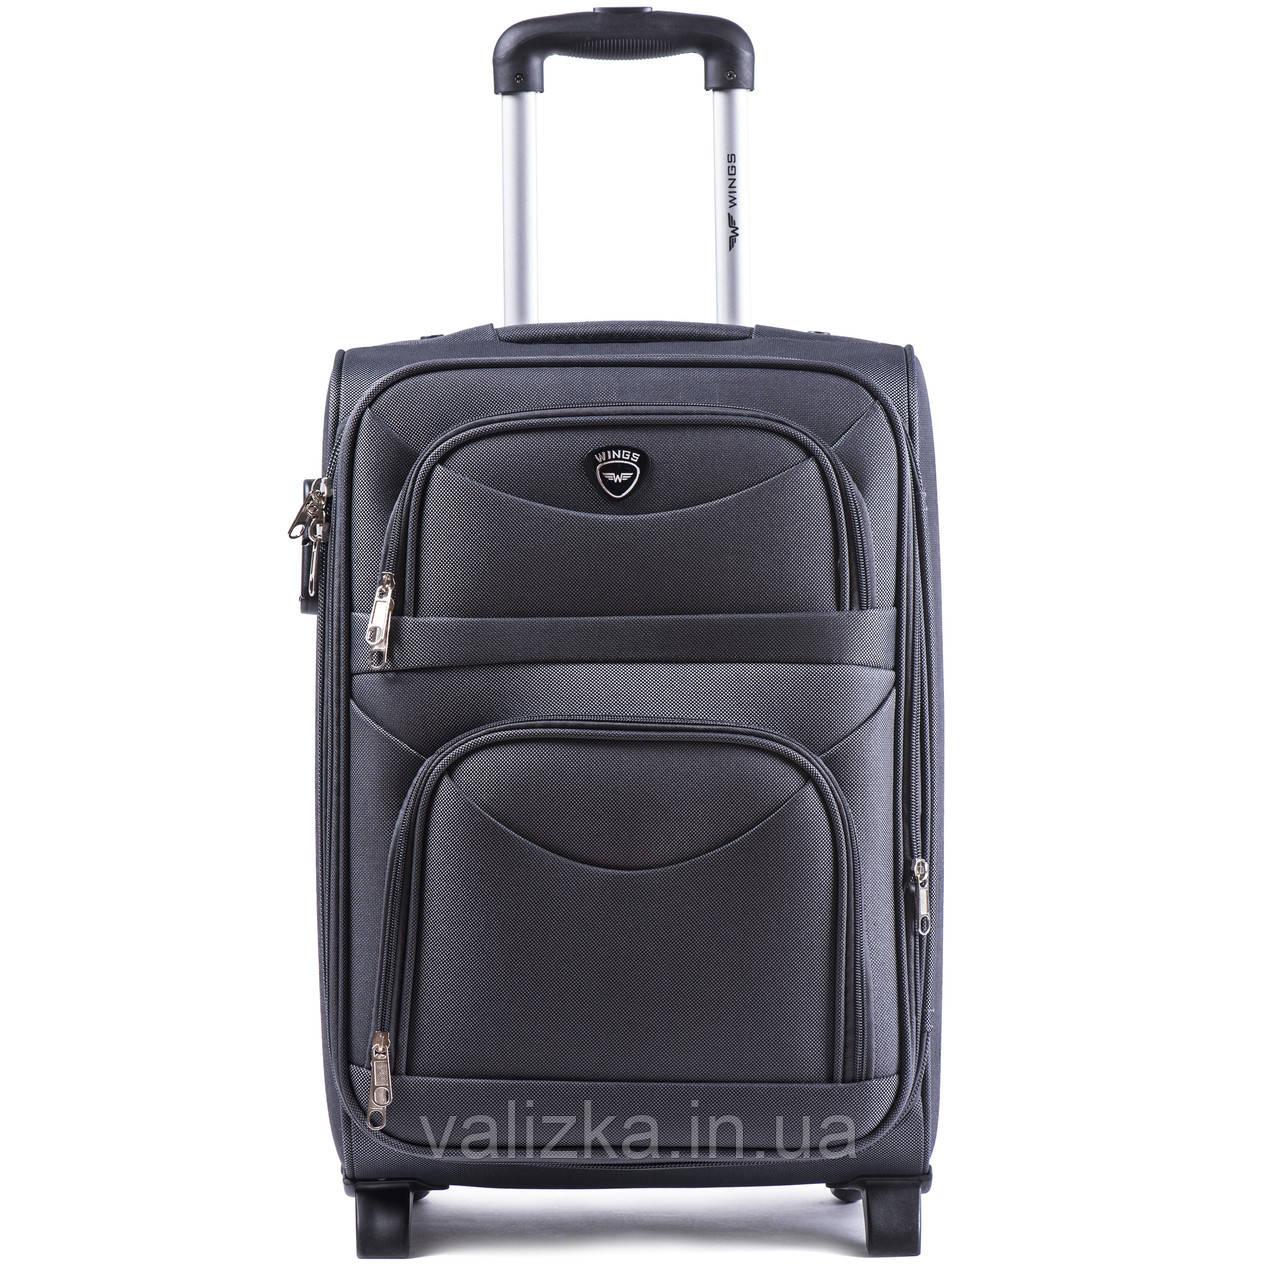 Малый текстильный чемодан серый с расширителем Wings 6802-2